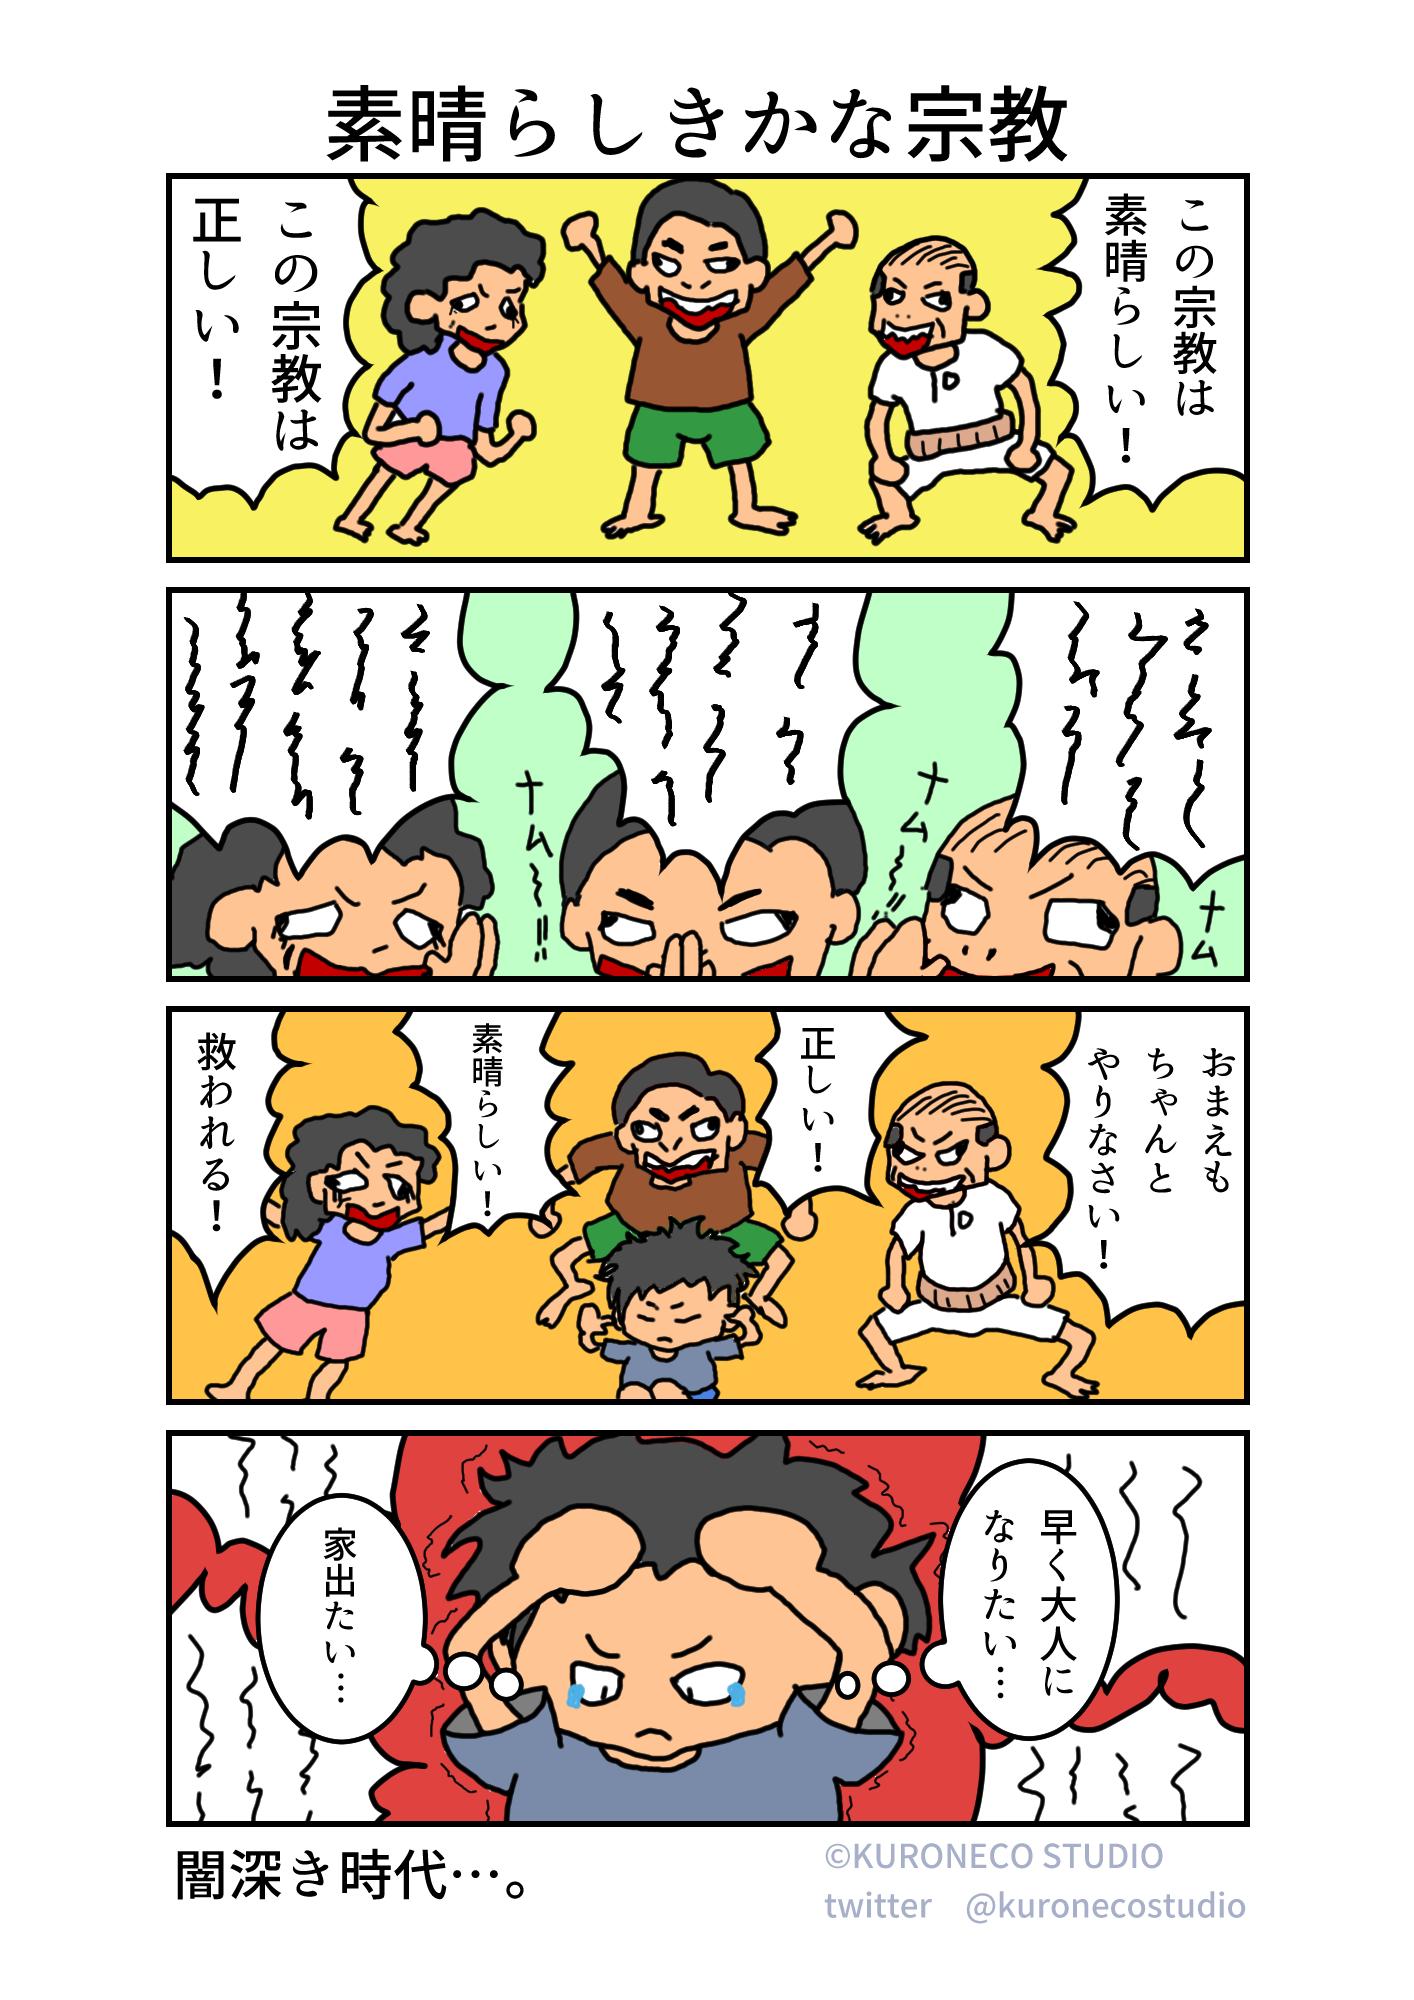 jibun_manga_0002